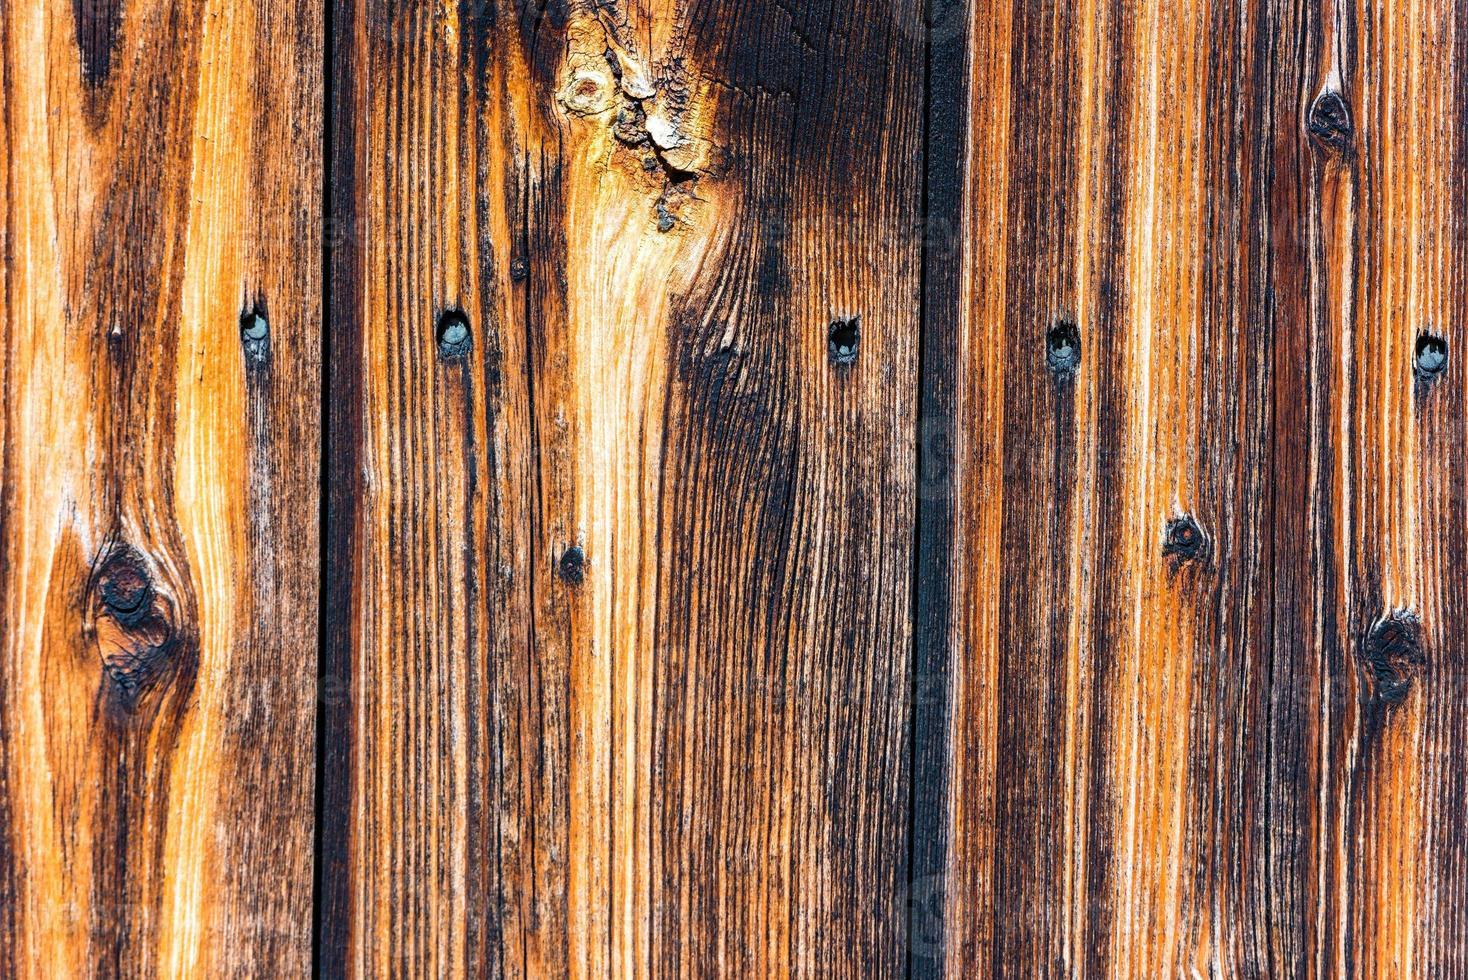 pranchas de madeira velhas superfície fundo foto